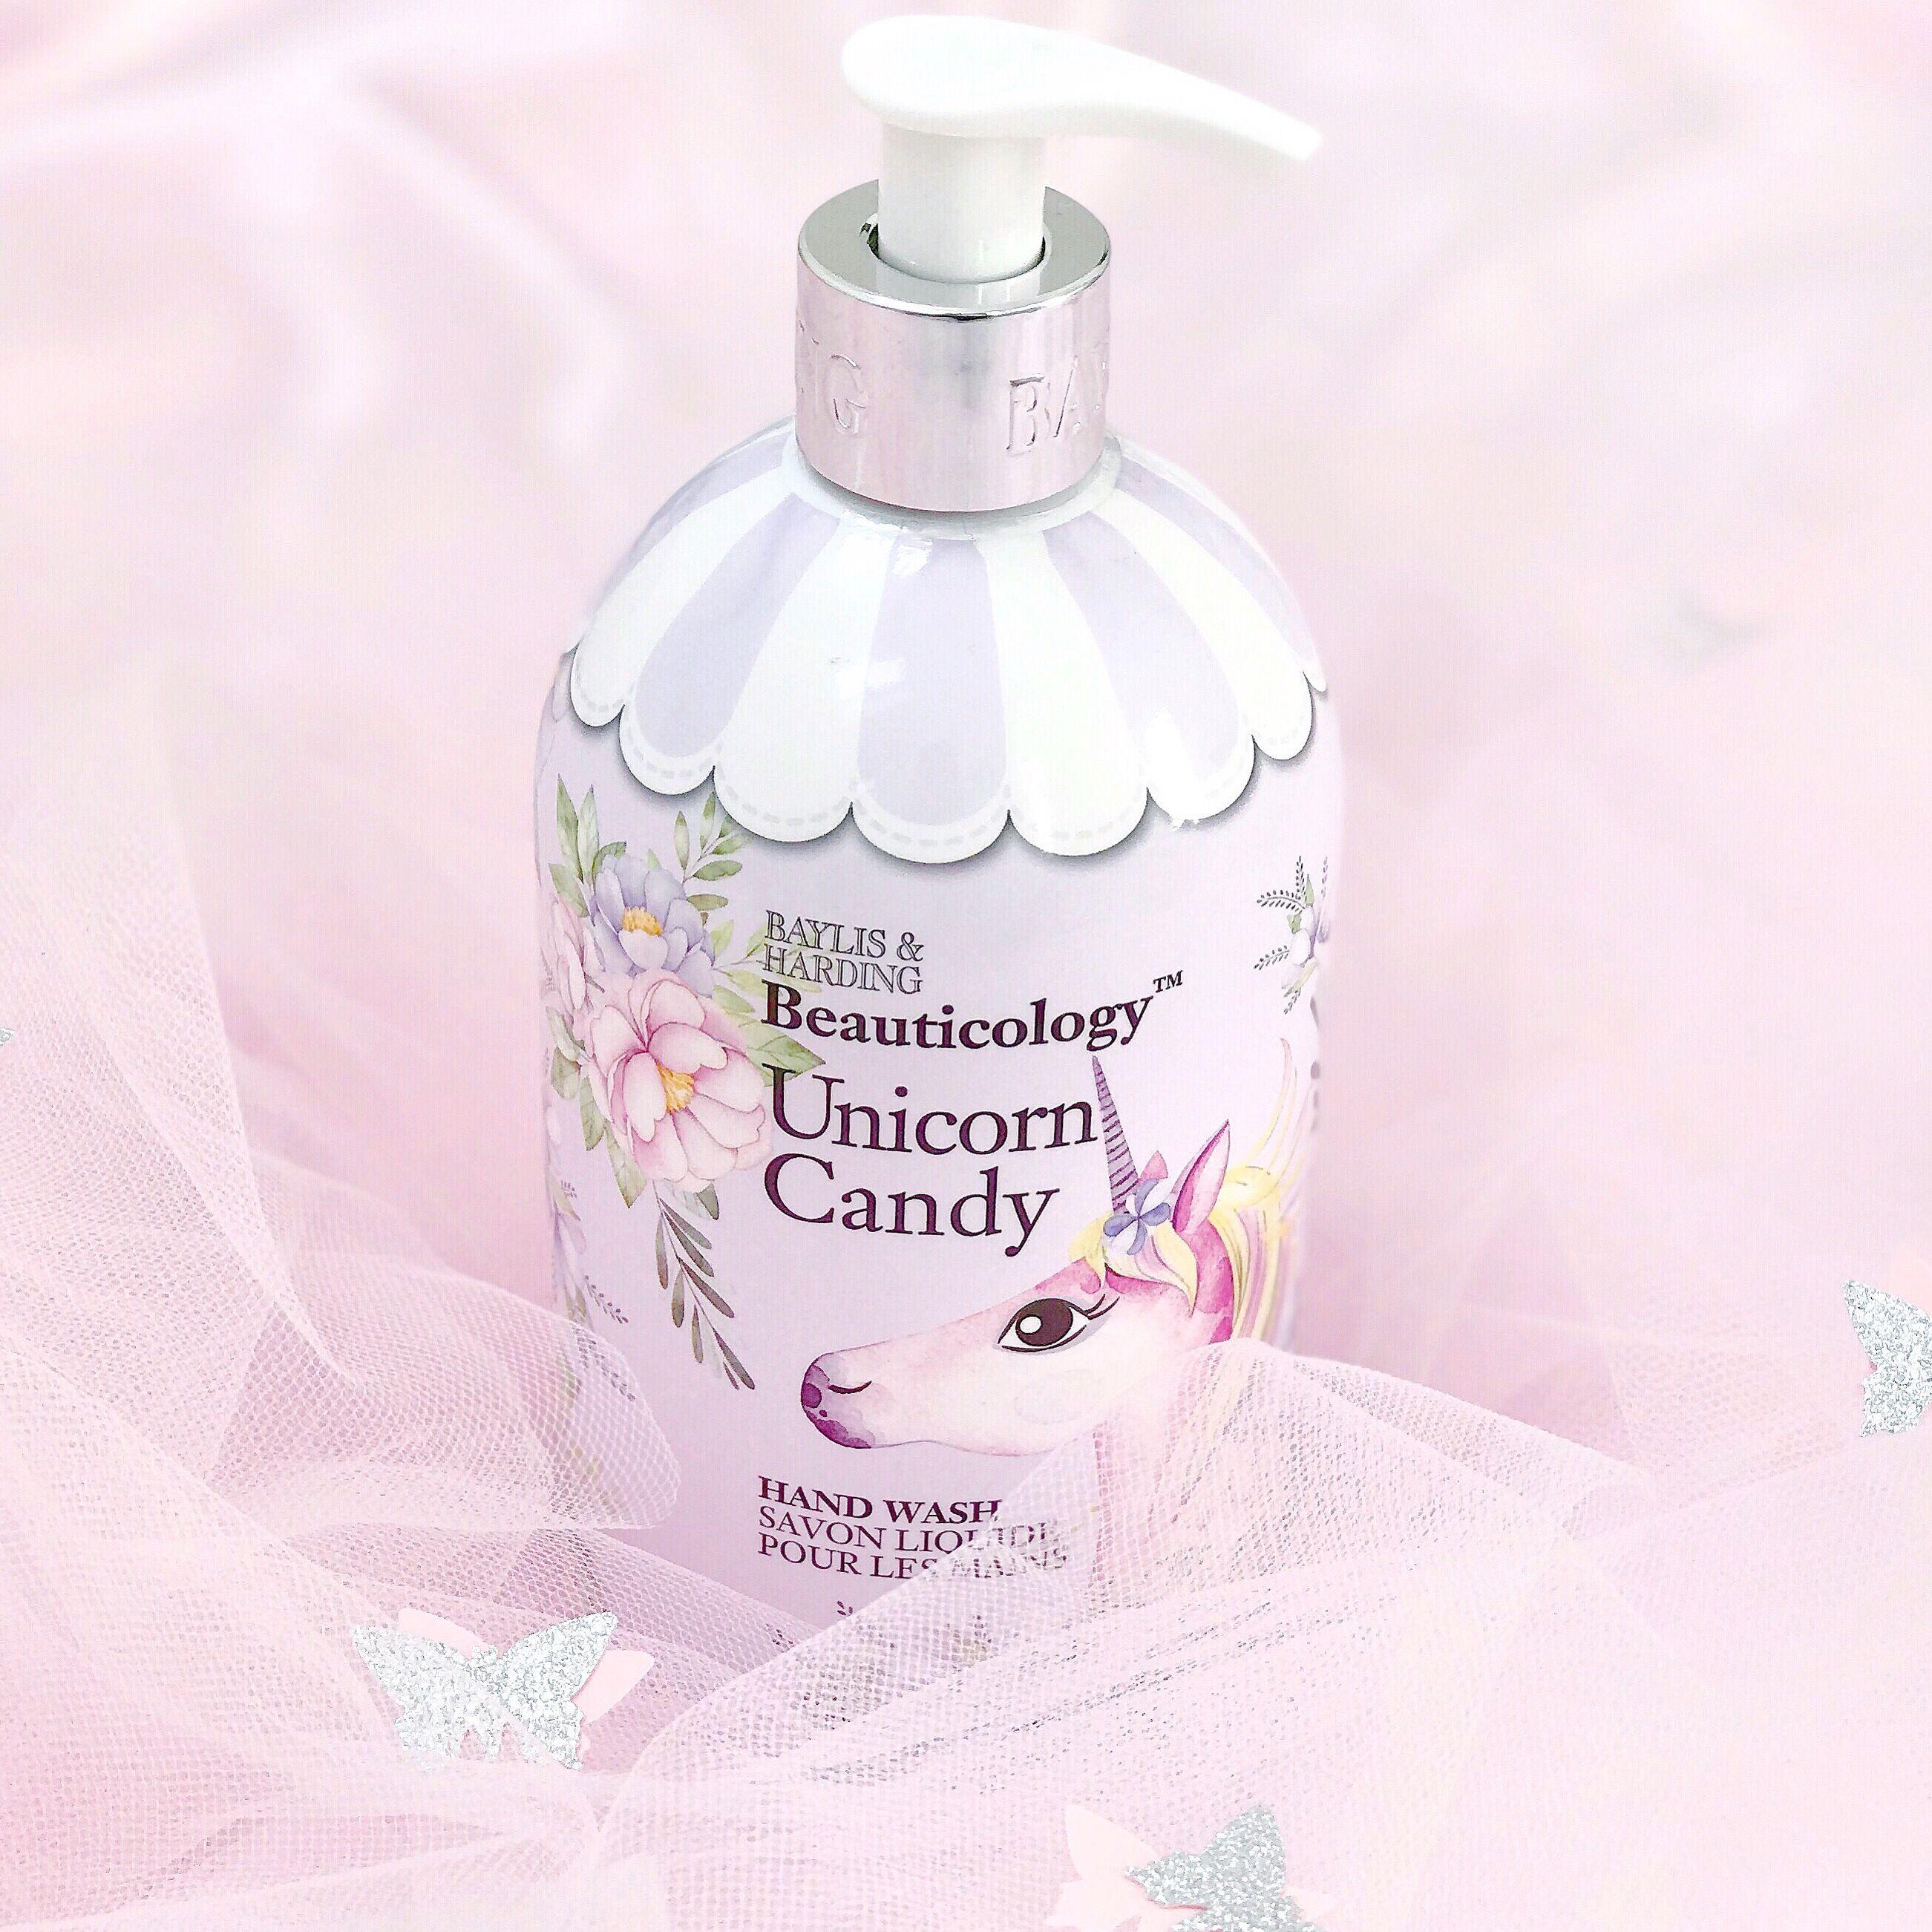 Baylis Harding Beauticology Unicorn Candy Hand Wash